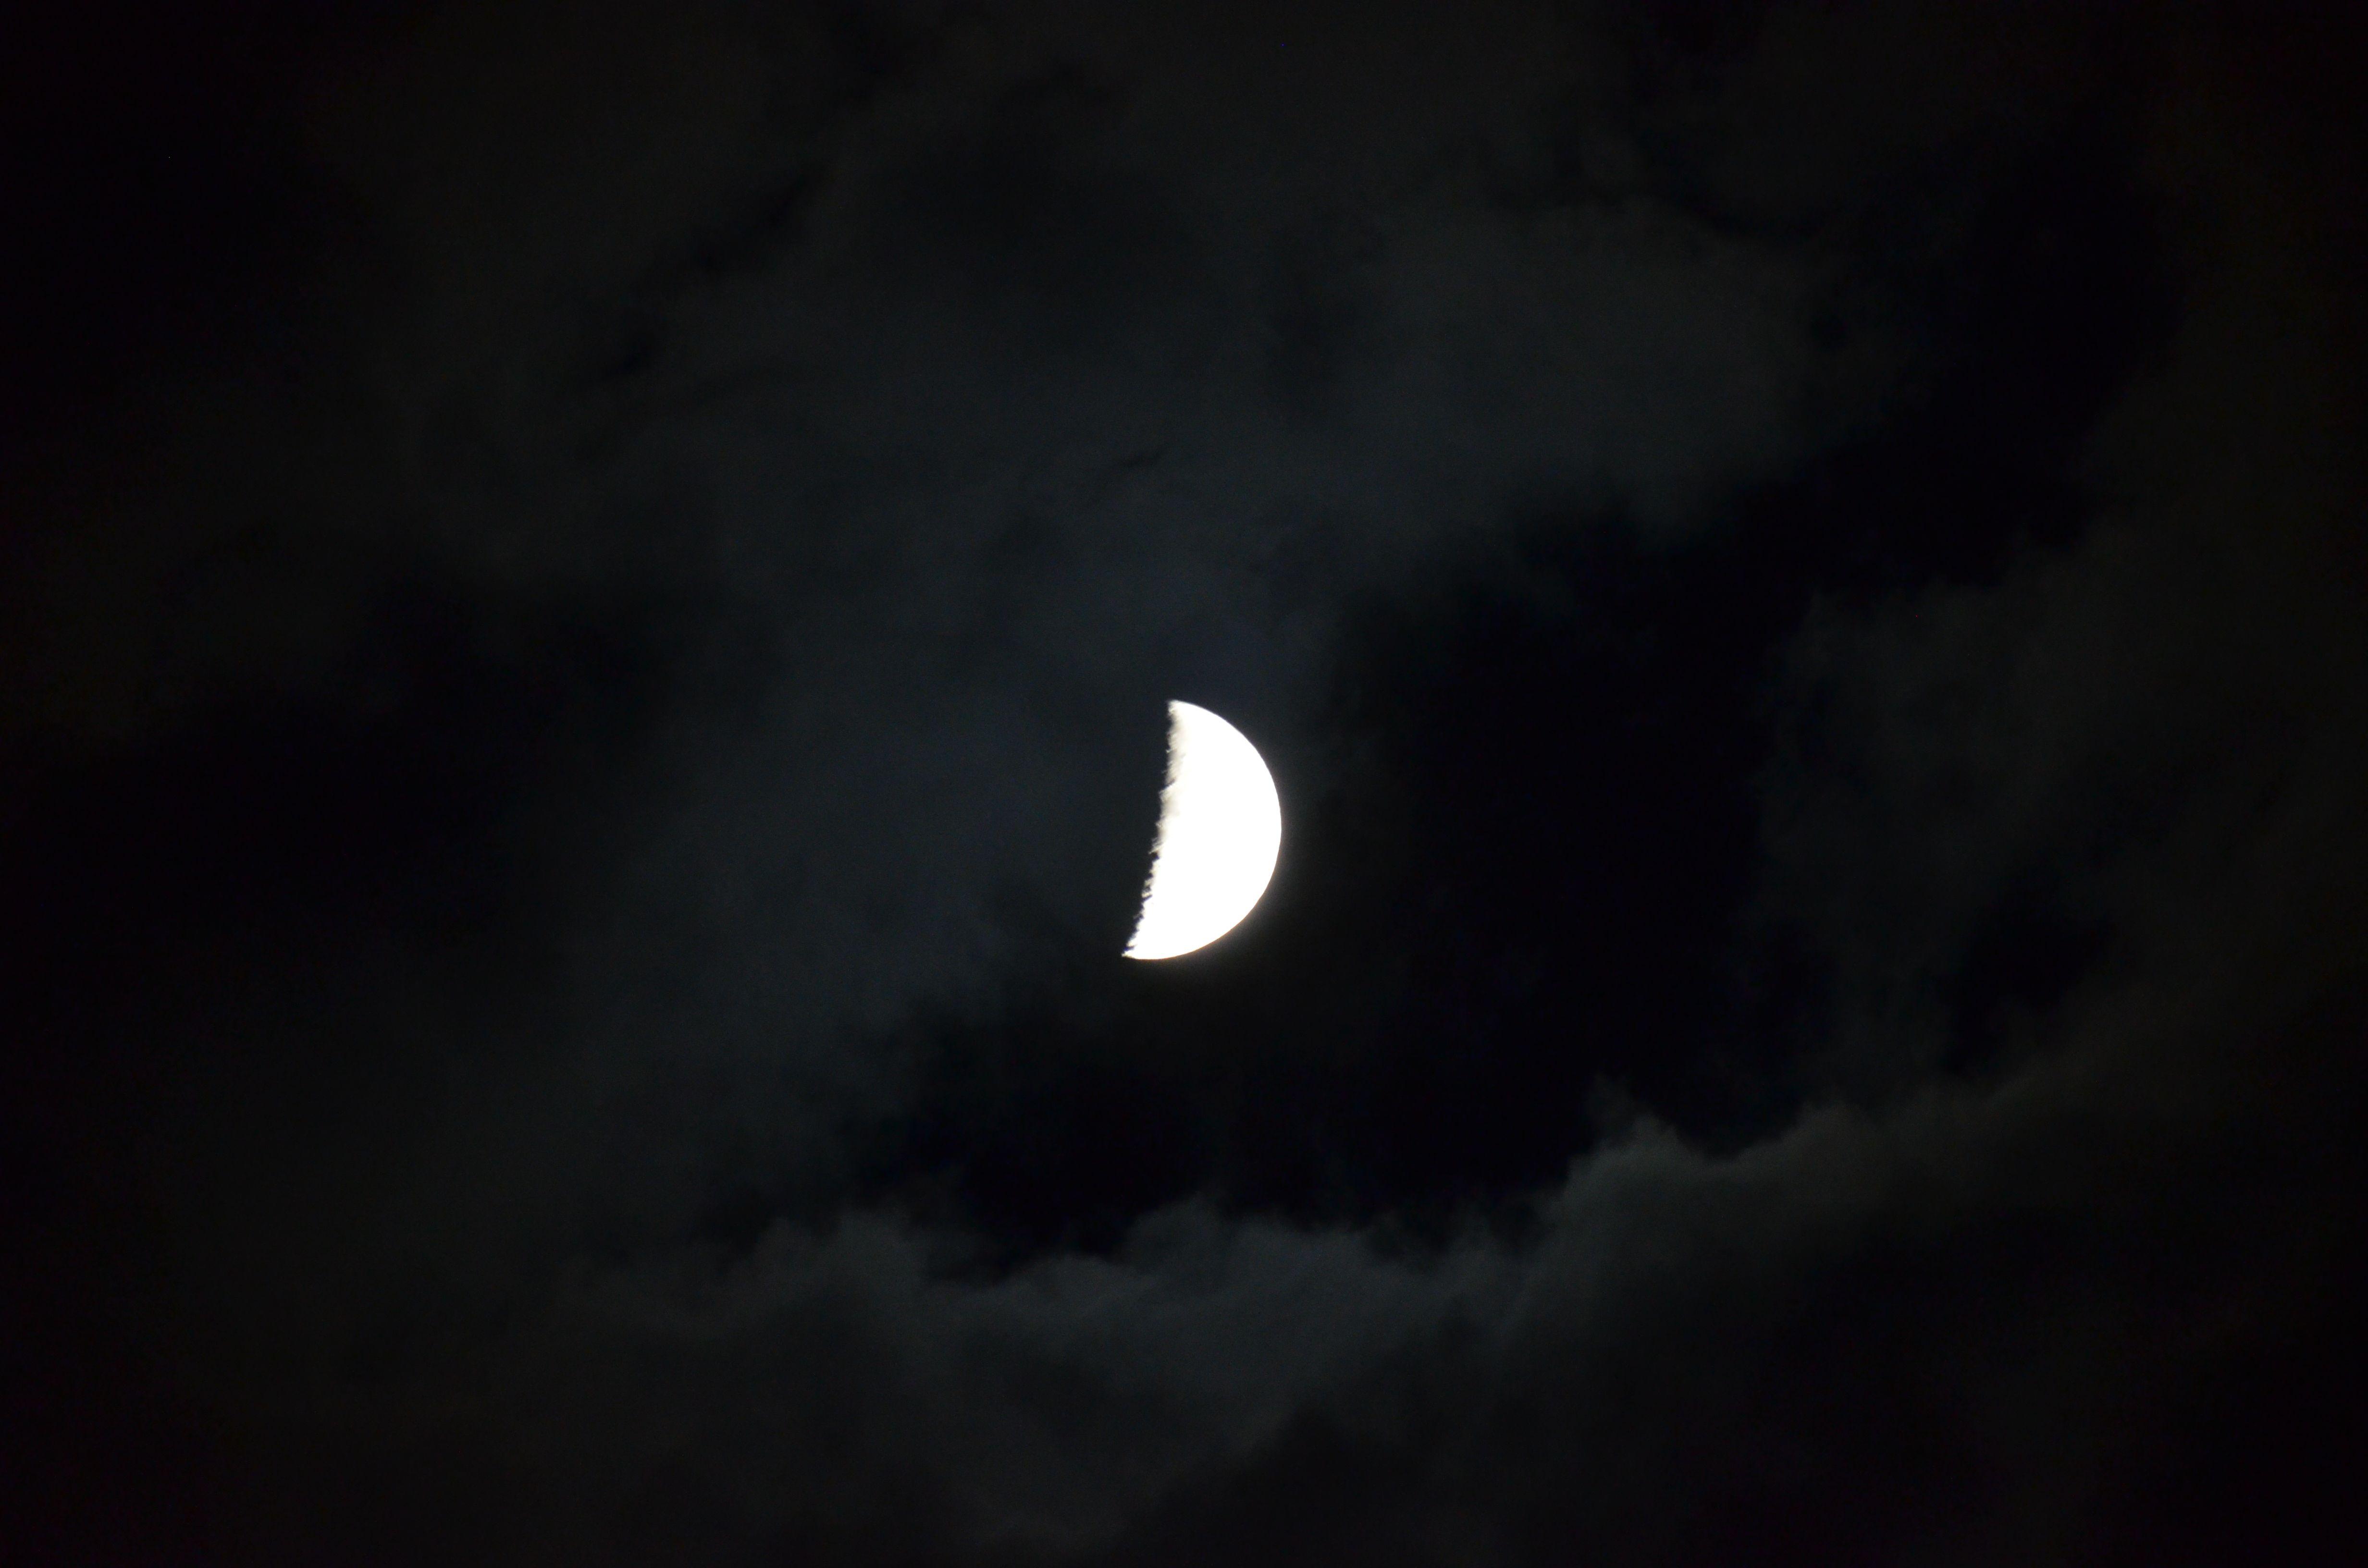 Nadia's moon.